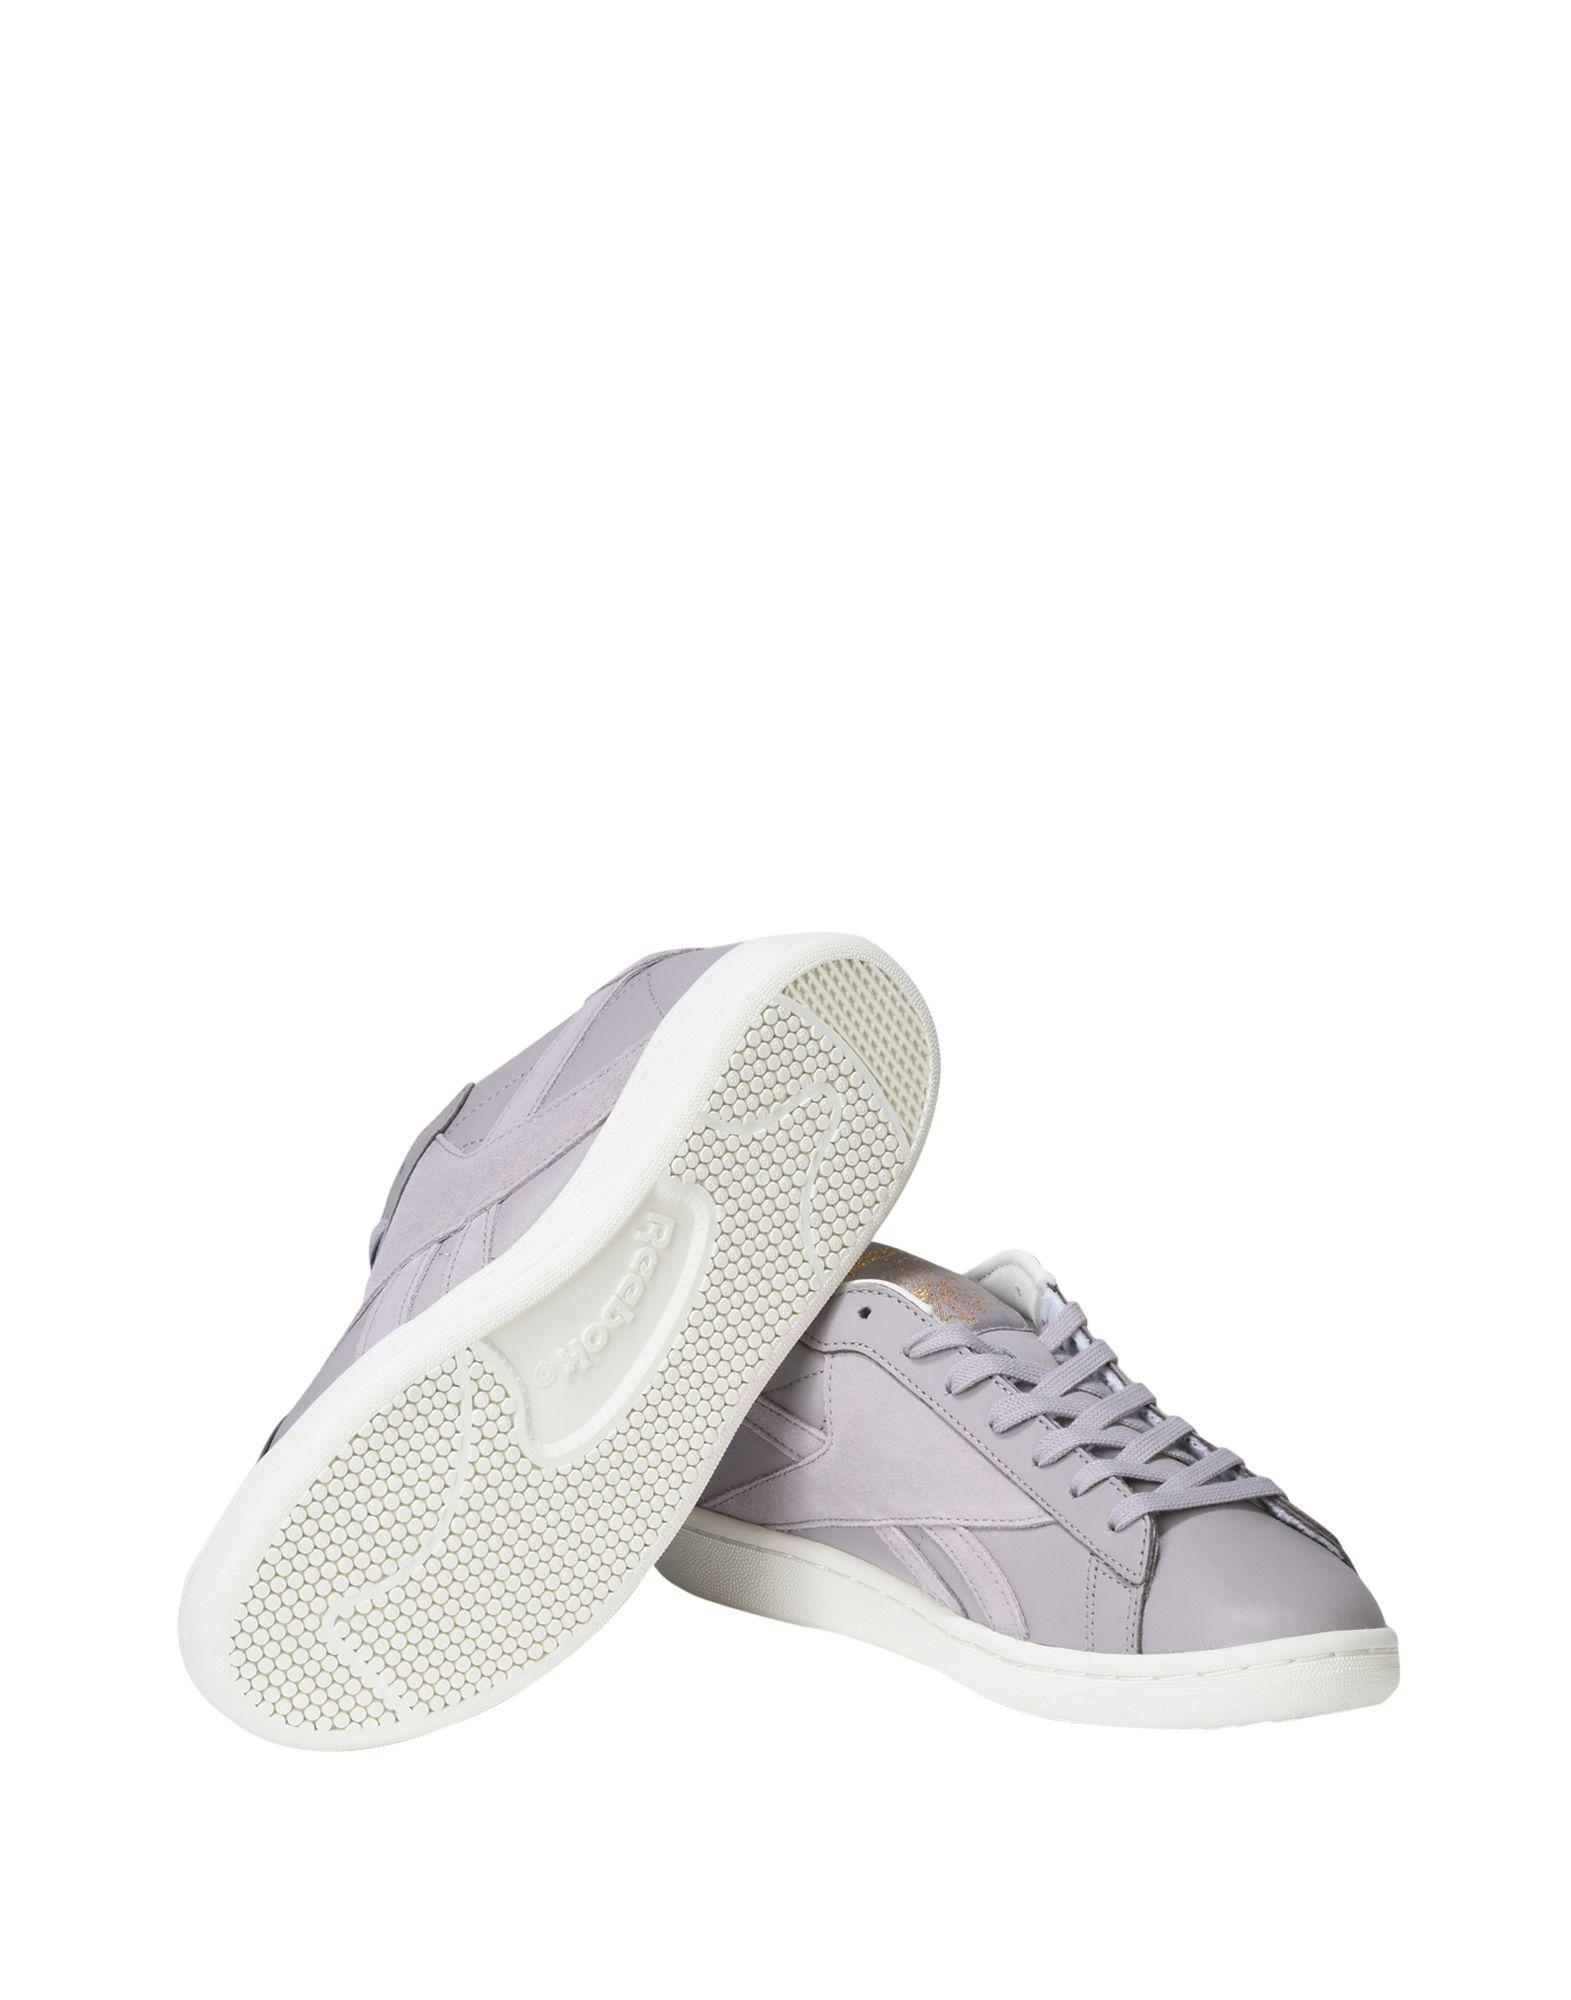 Reebok 11182469LH Npc Uk Ad  11182469LH Reebok Gute Qualität beliebte Schuhe a61c47